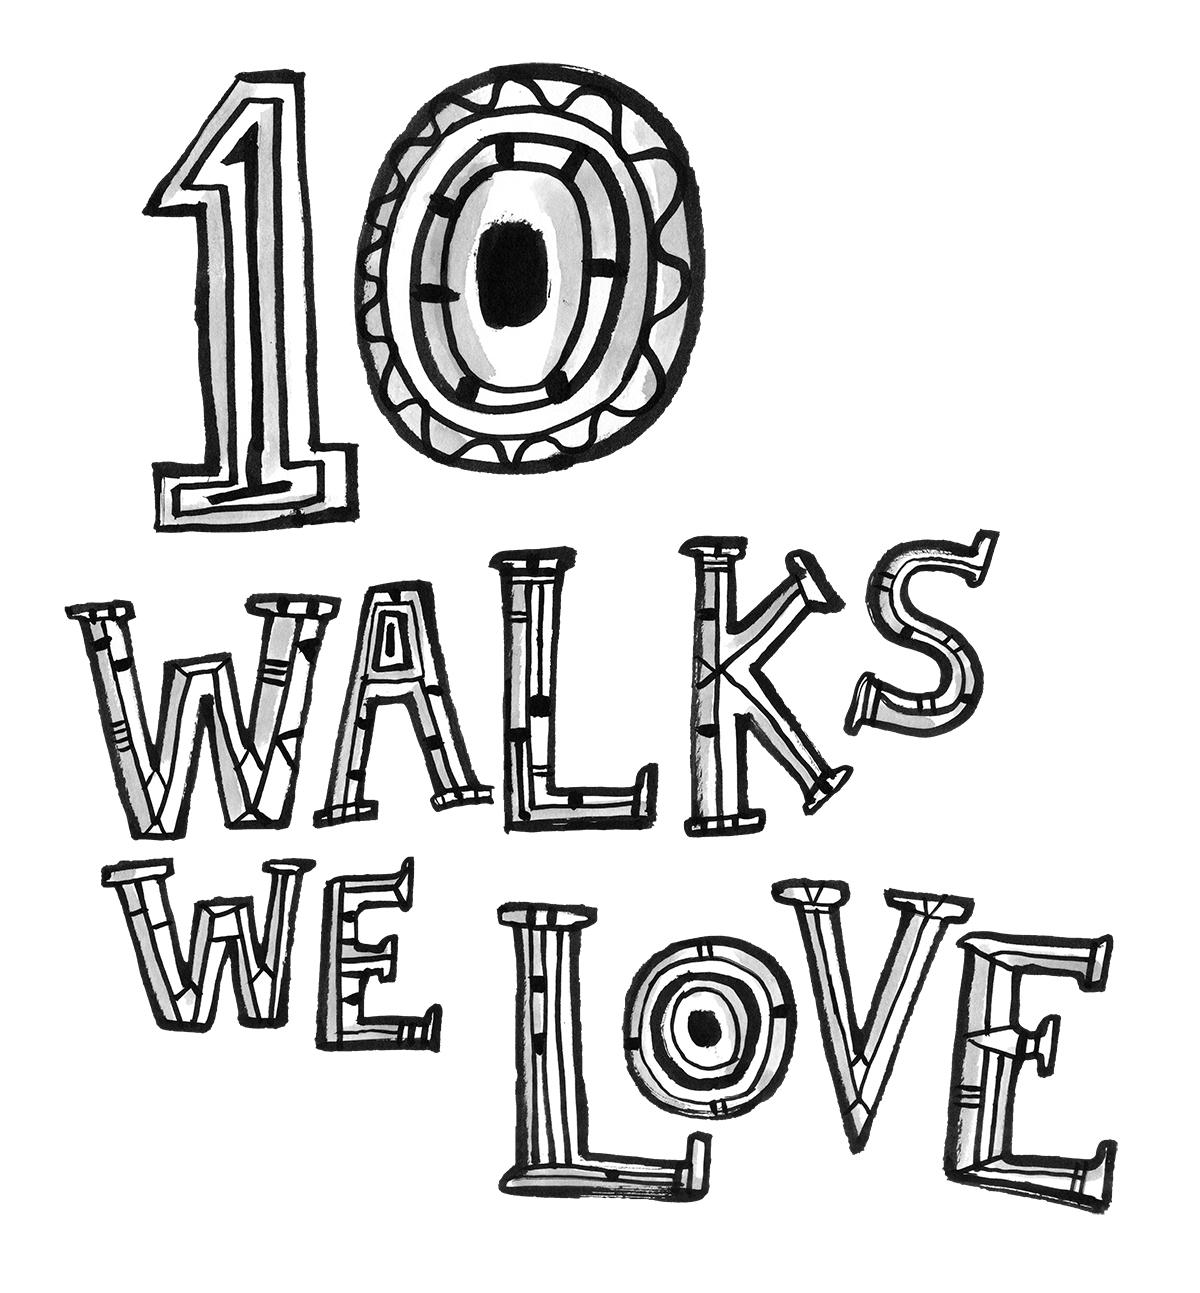 Walks-FNL1-Lett_versionB